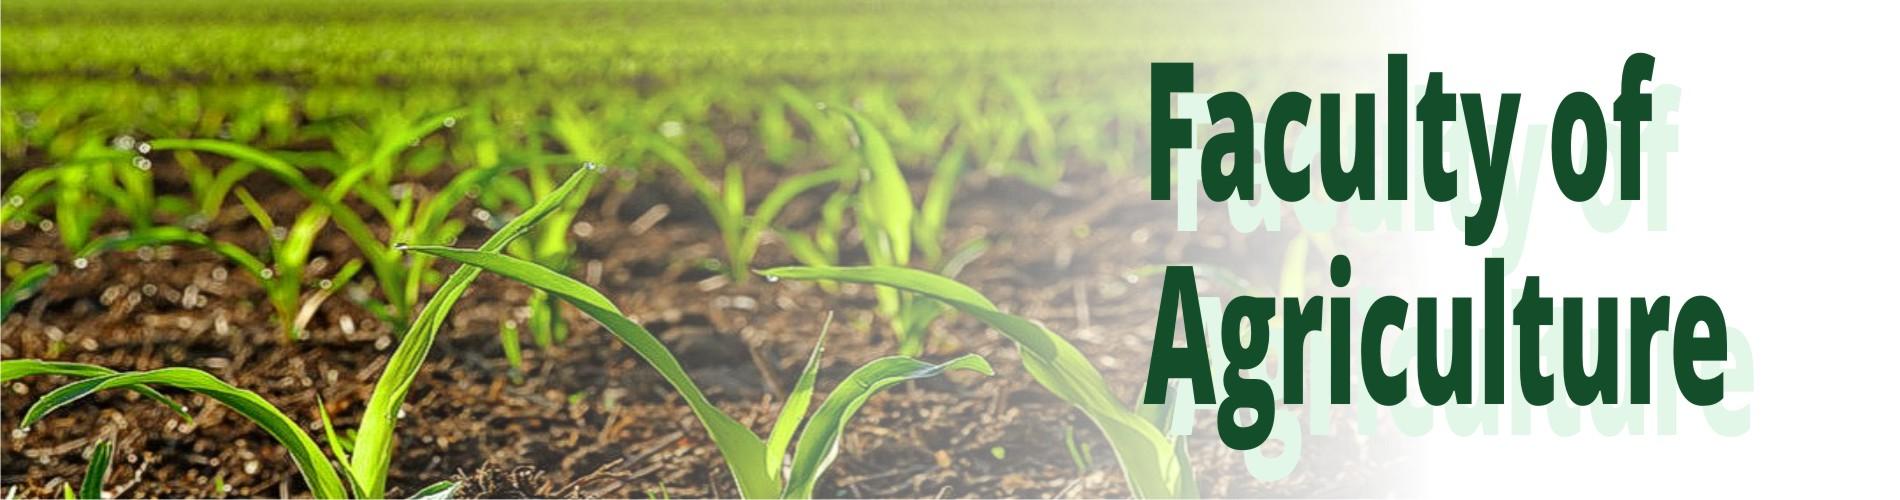 fakultas pertanian - universitas kahuripan - kampung inggris